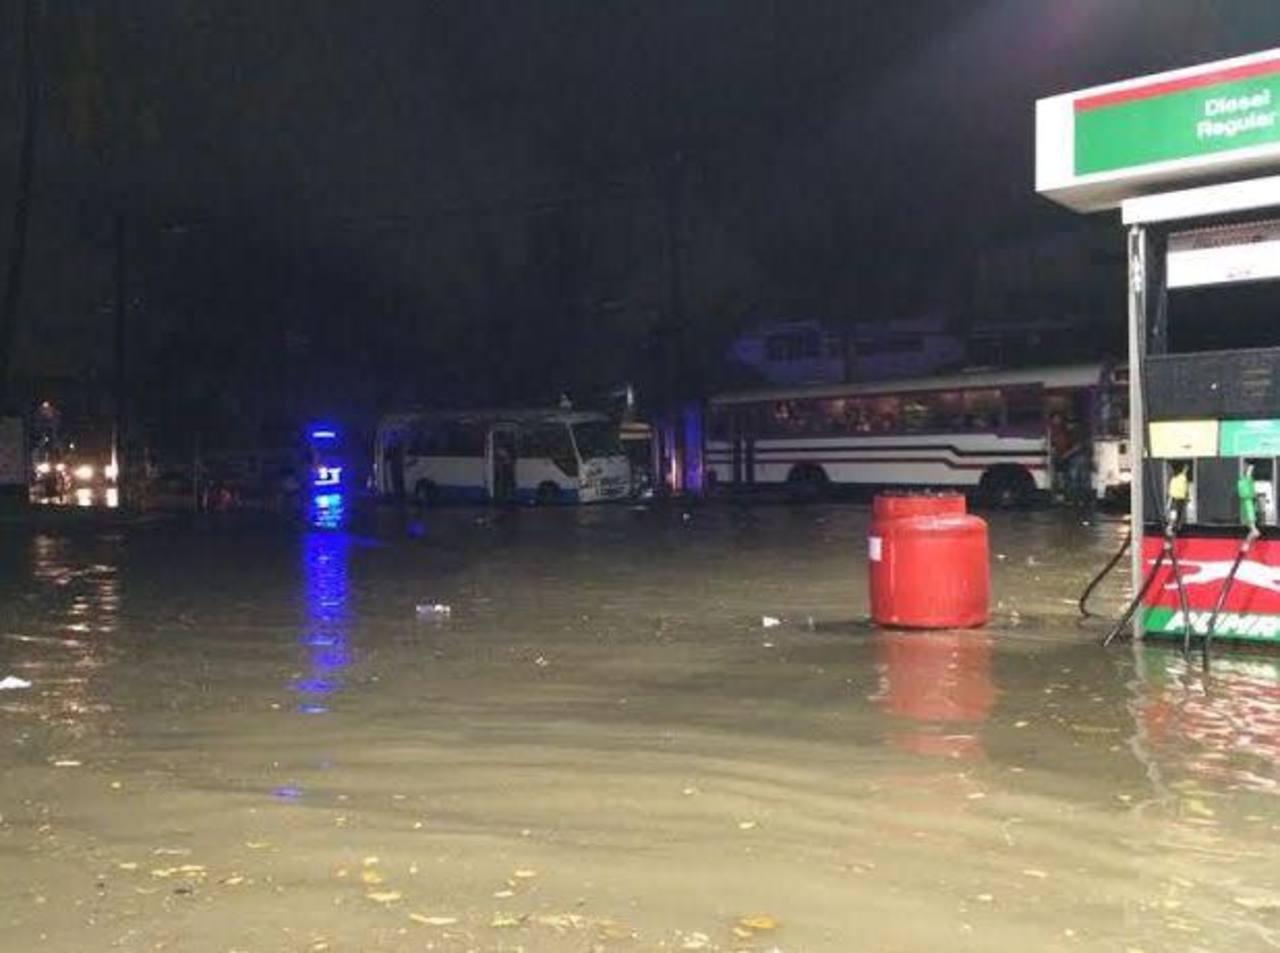 Tráfico complicado sobre la 5a Avenida Norte, entre la 17 y 15 calle poniente, en San salvador, debido a la inundación de la vía por las fuertes lluvias.